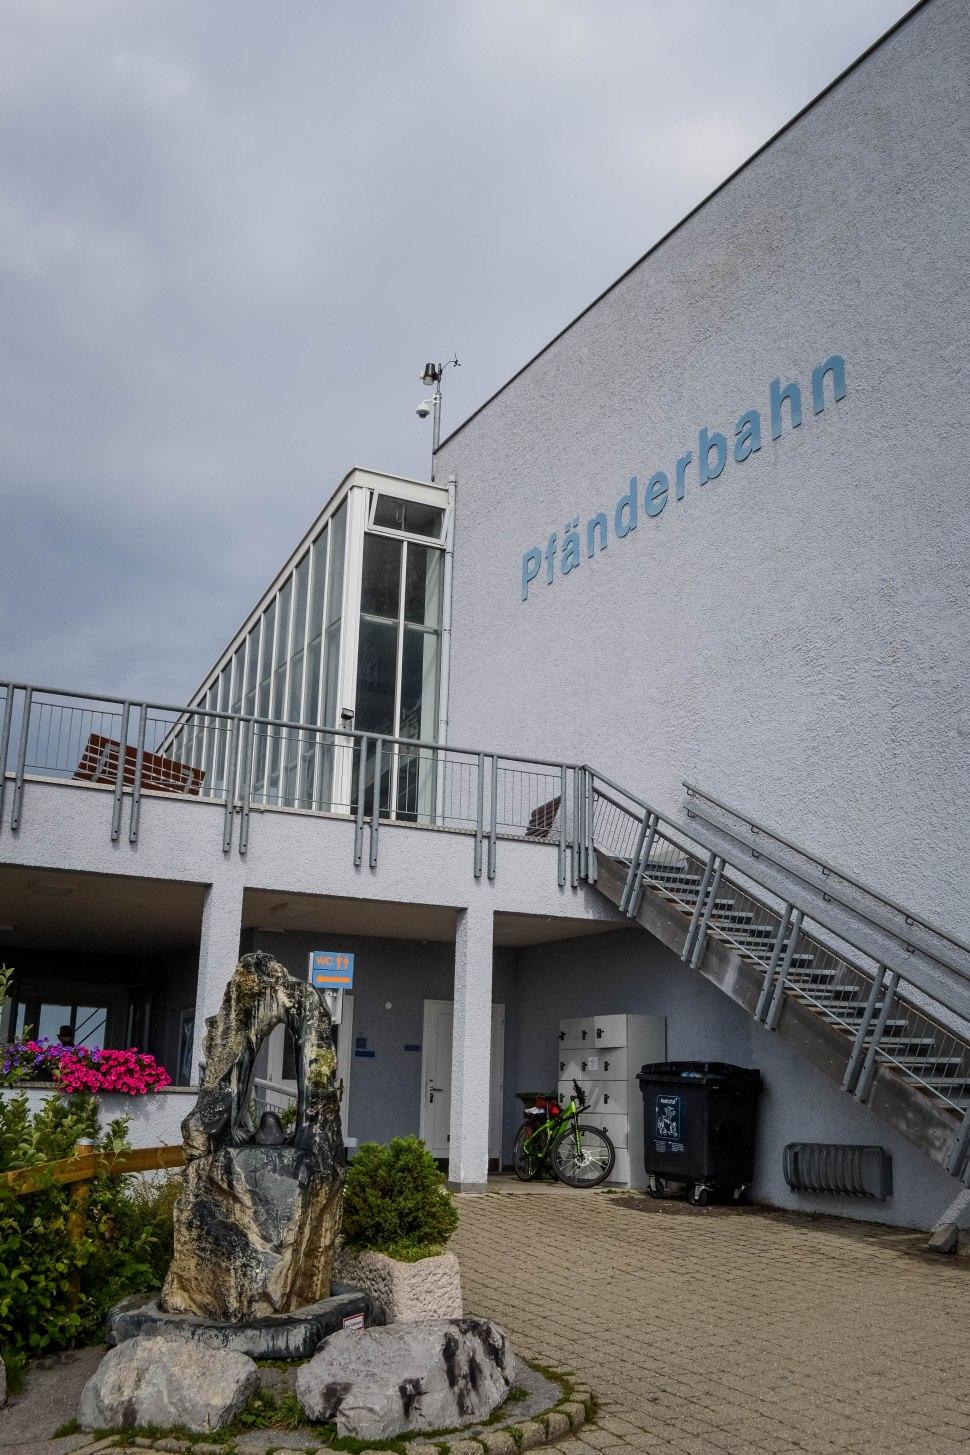 Bregenz_Pfänder_station_mountain